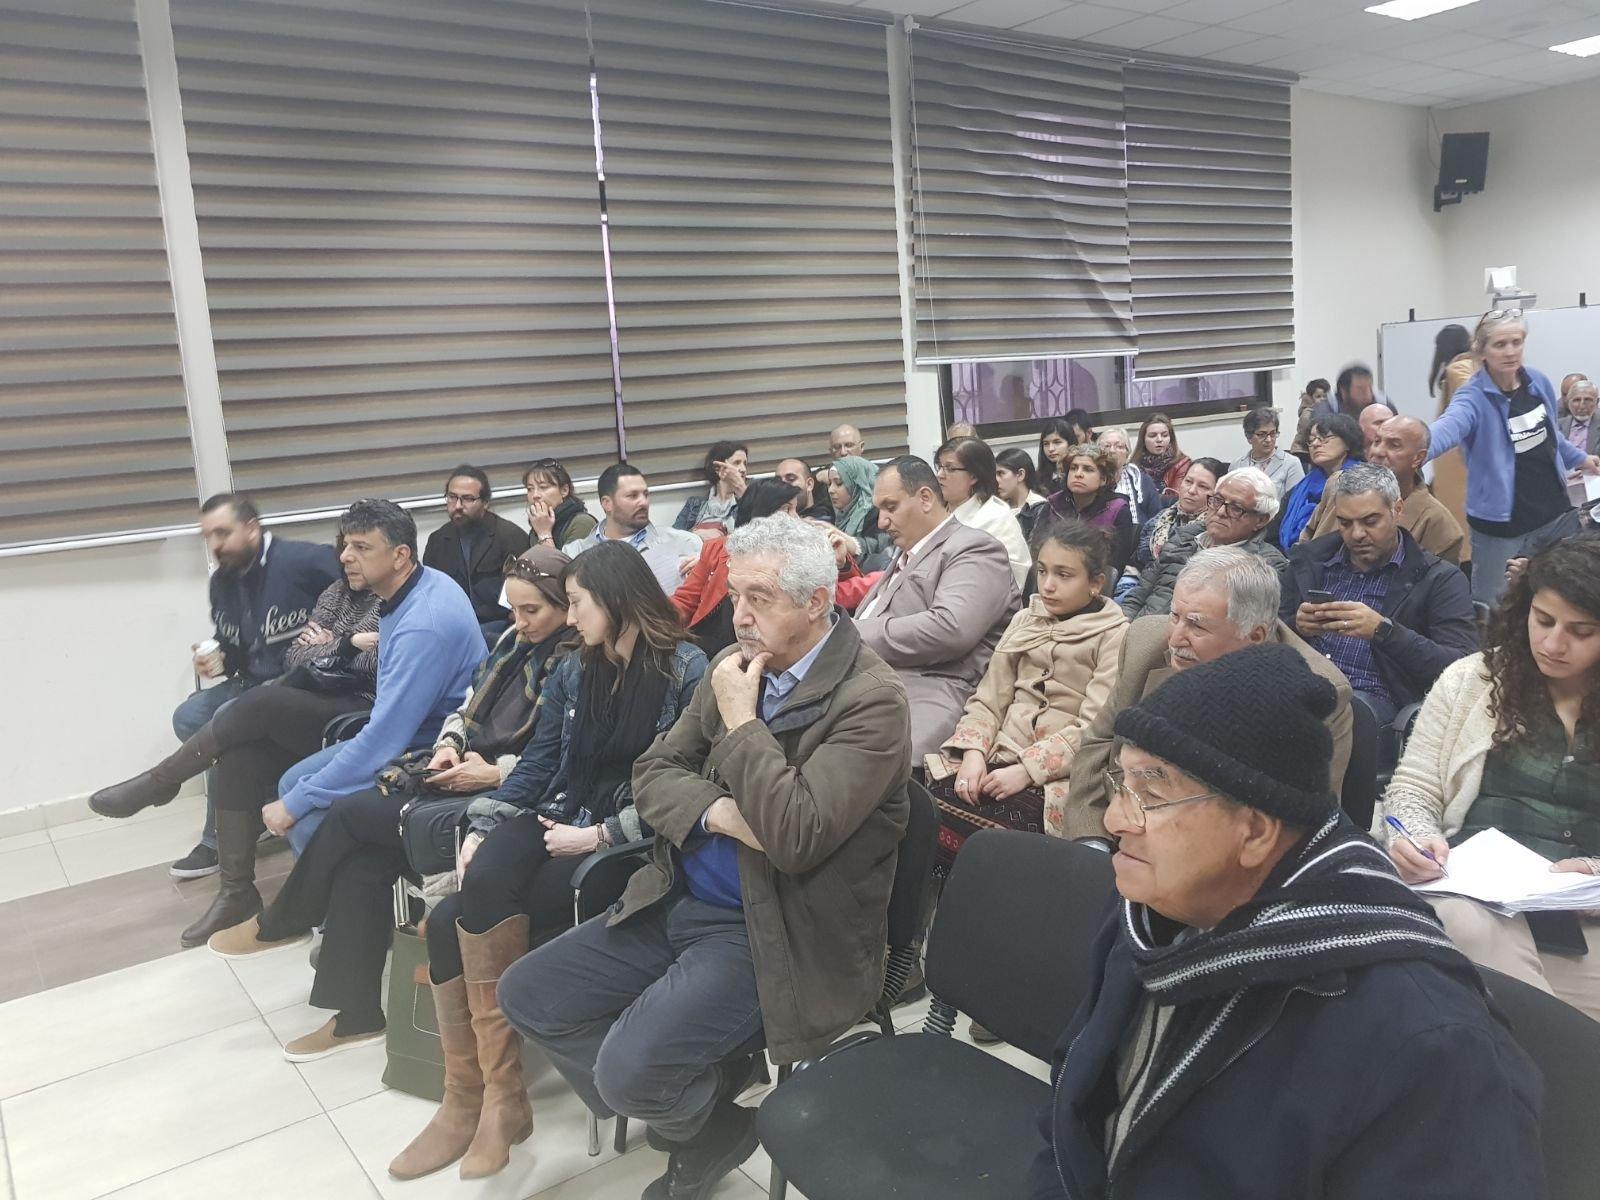 أسر فلسطينية مقيمة بشكل غير شرعي تبحث سبل الحصول على تأشيرات إقامة من إسرائيل